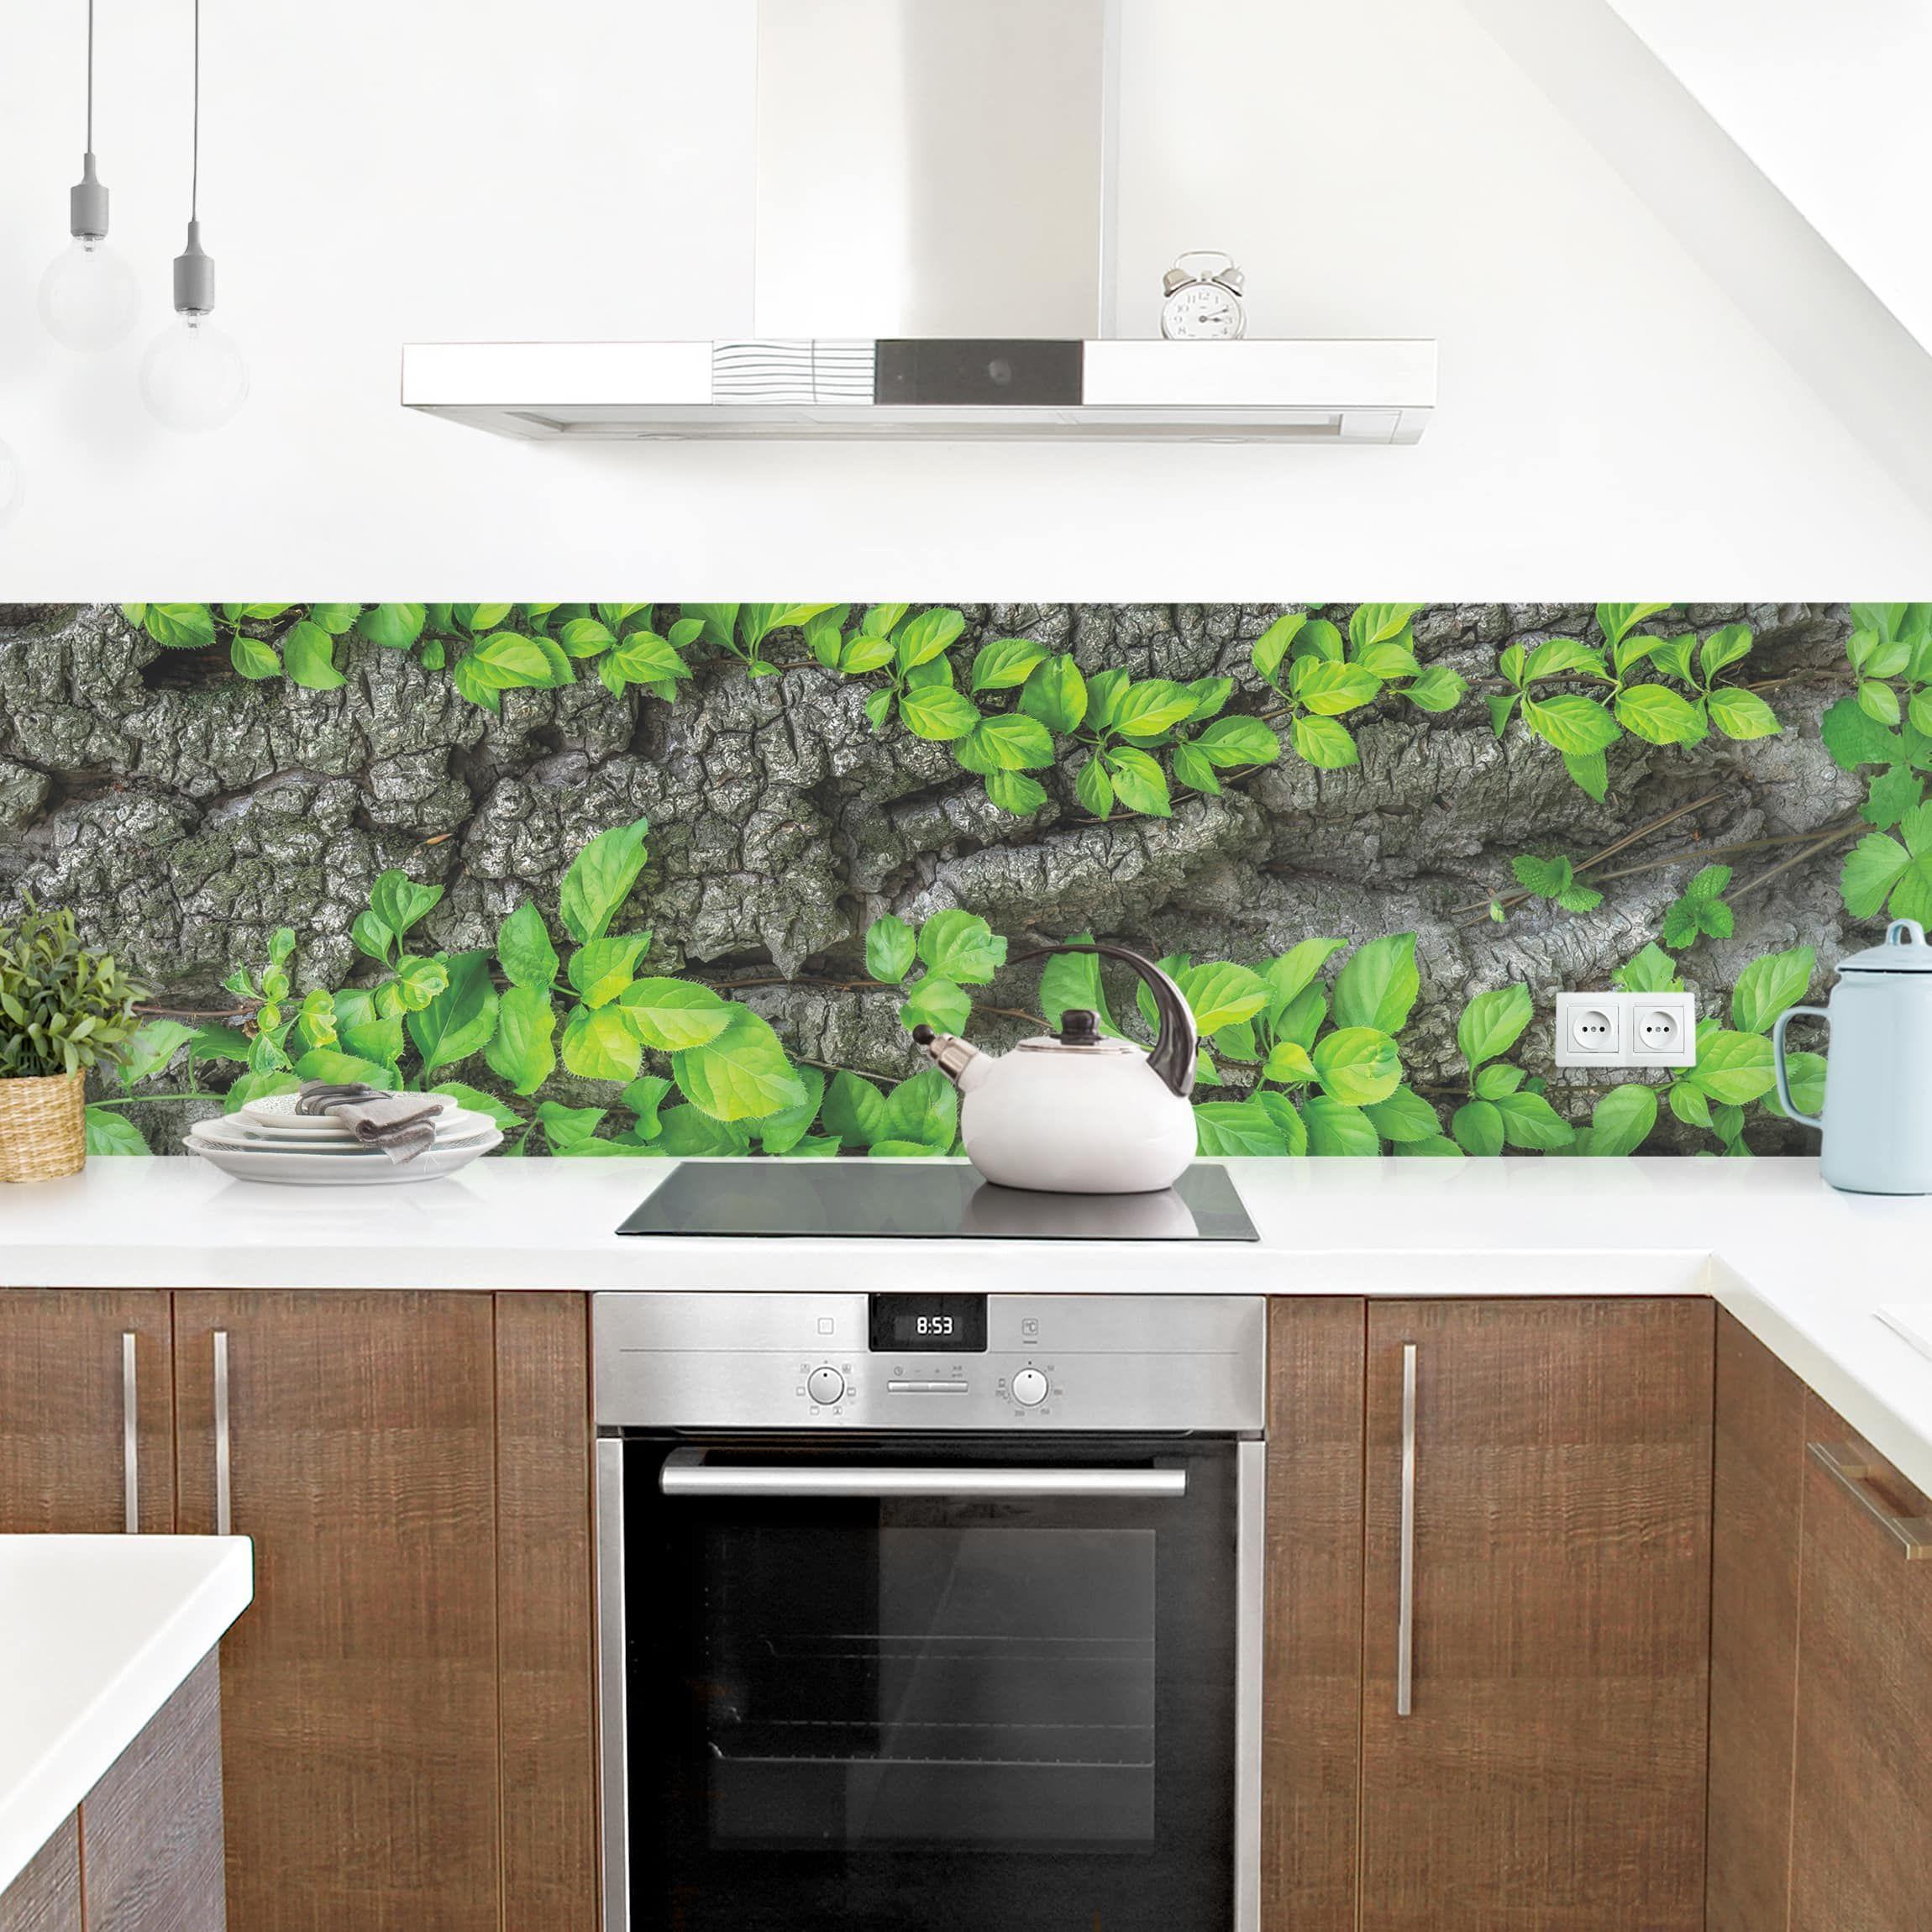 Küchenrückwand Efeuranken Baumrinde Küchenrückwandfolie Küchenrückwand Küche Küchen Ideen